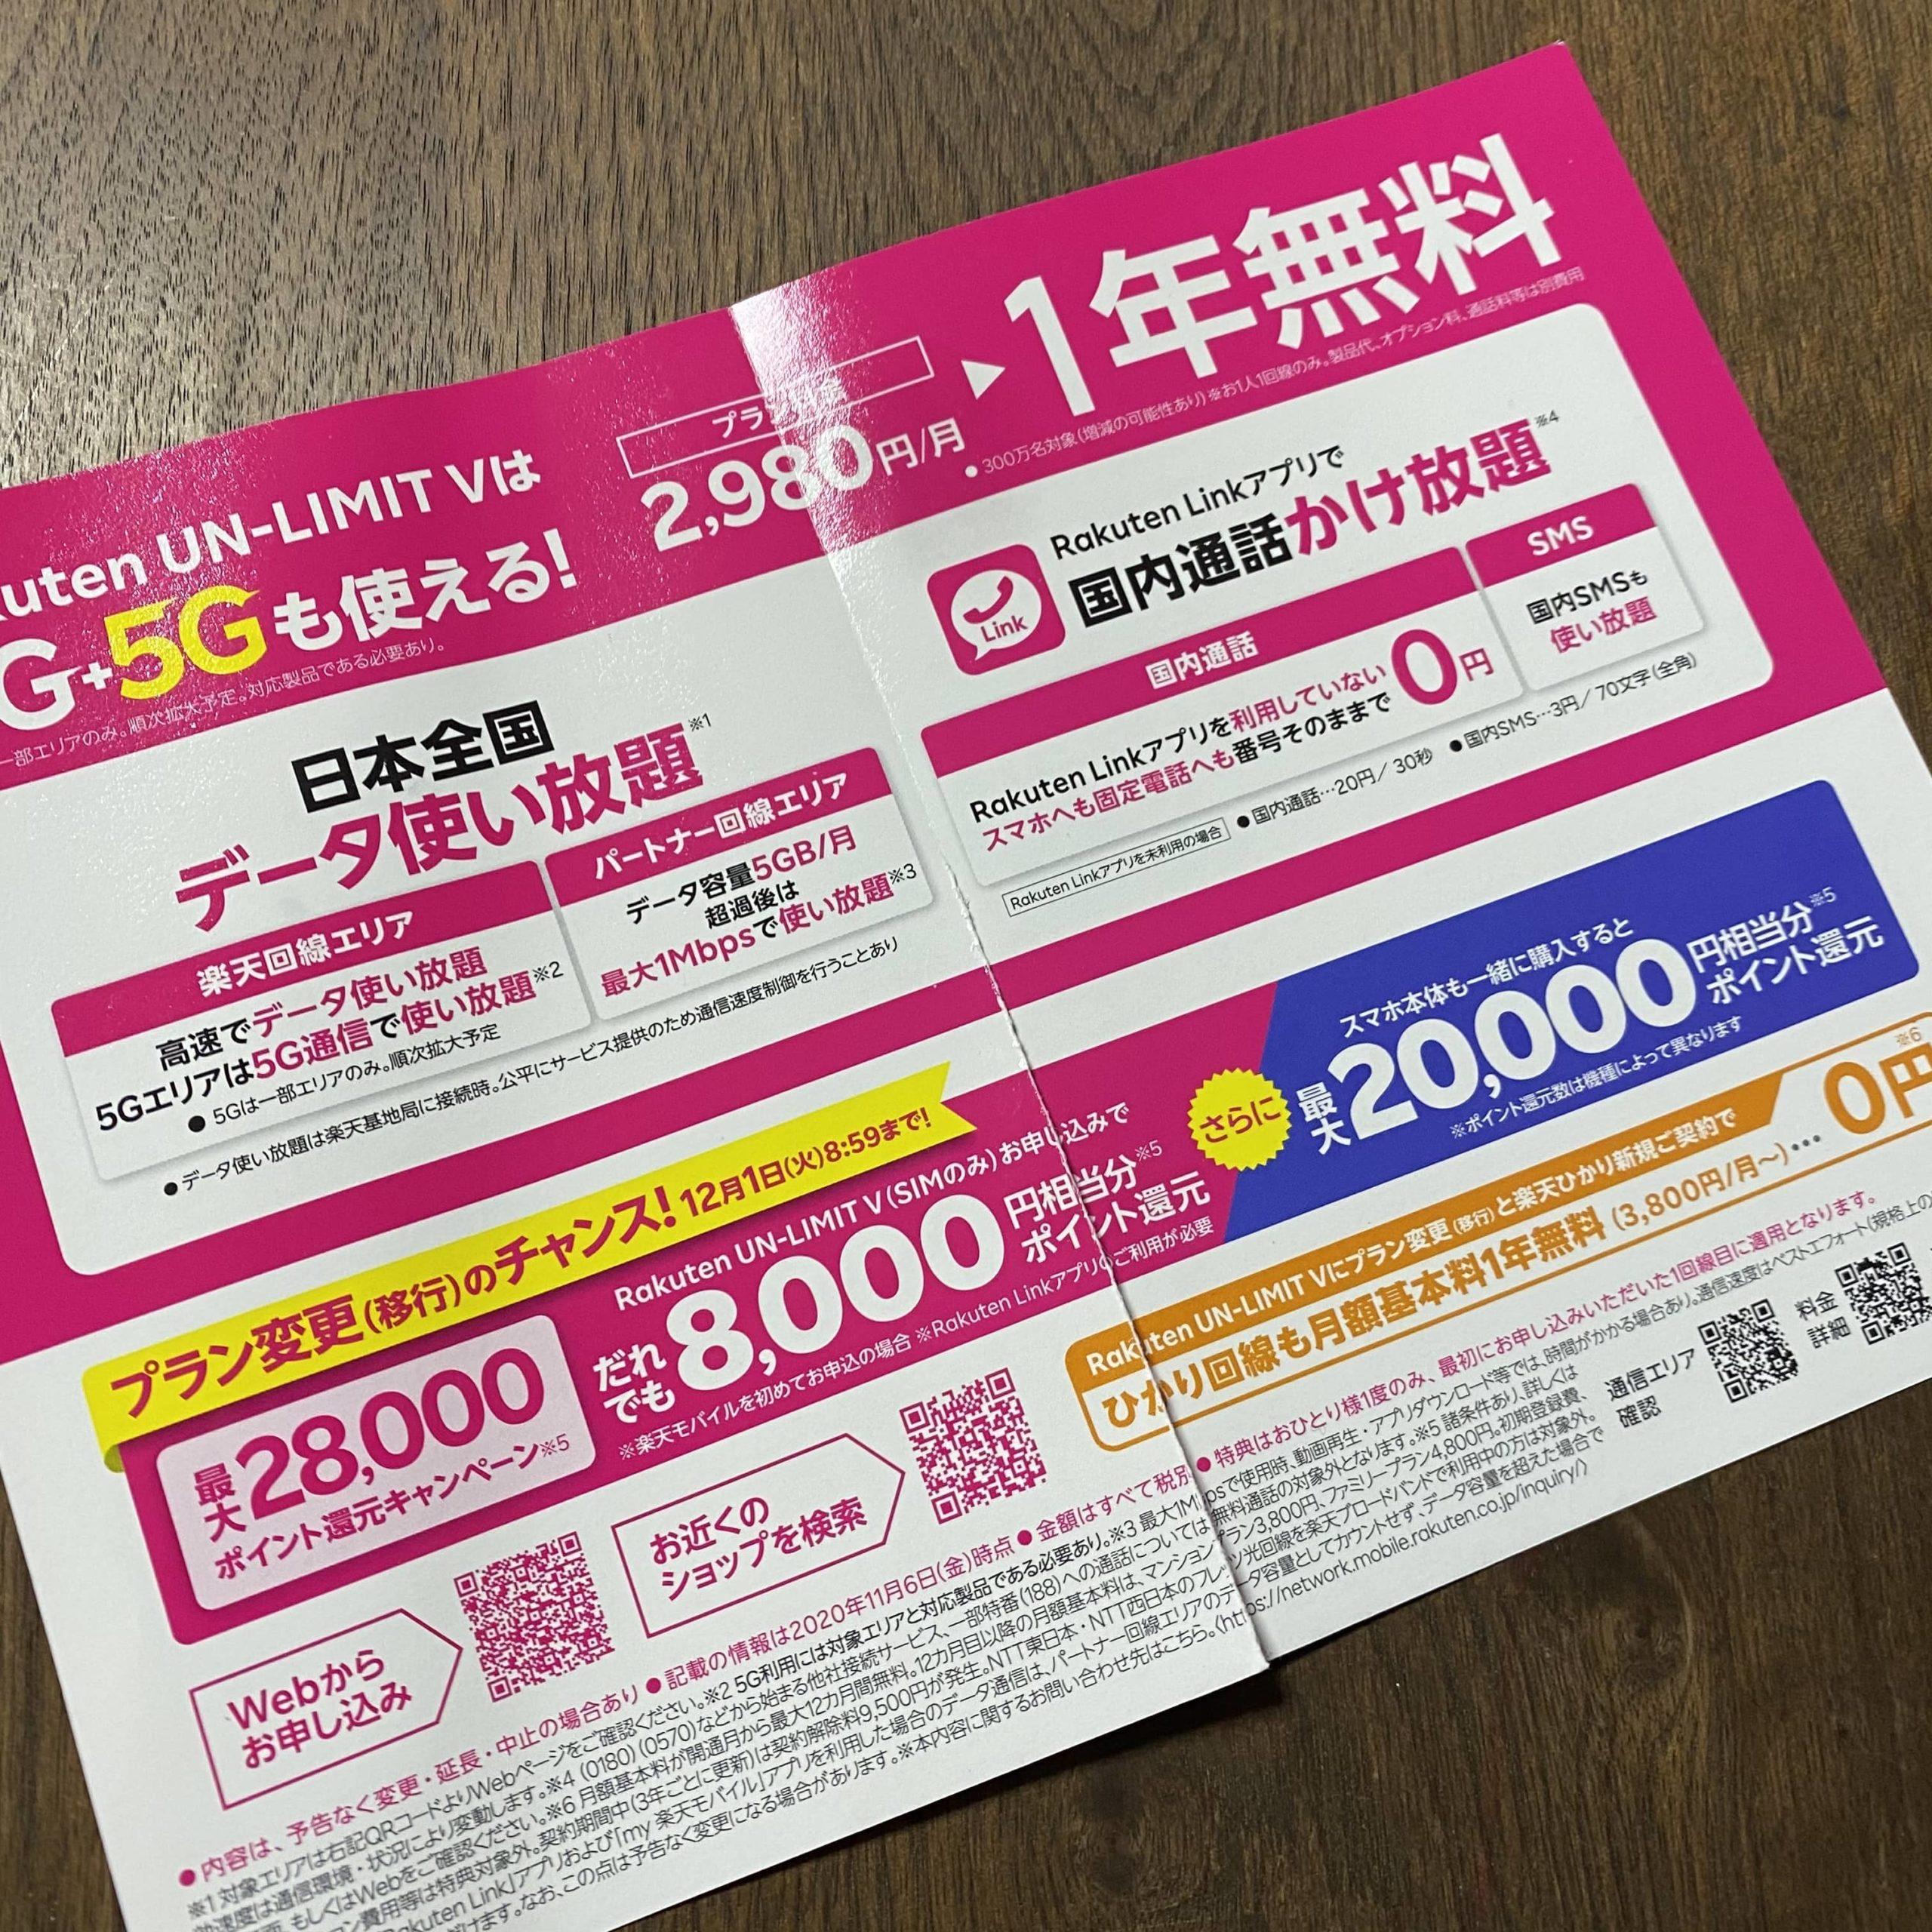 楽天モバイルは札幌できちんと繋がる?「Rakuten UN-LIMIT V」への変更と感想。